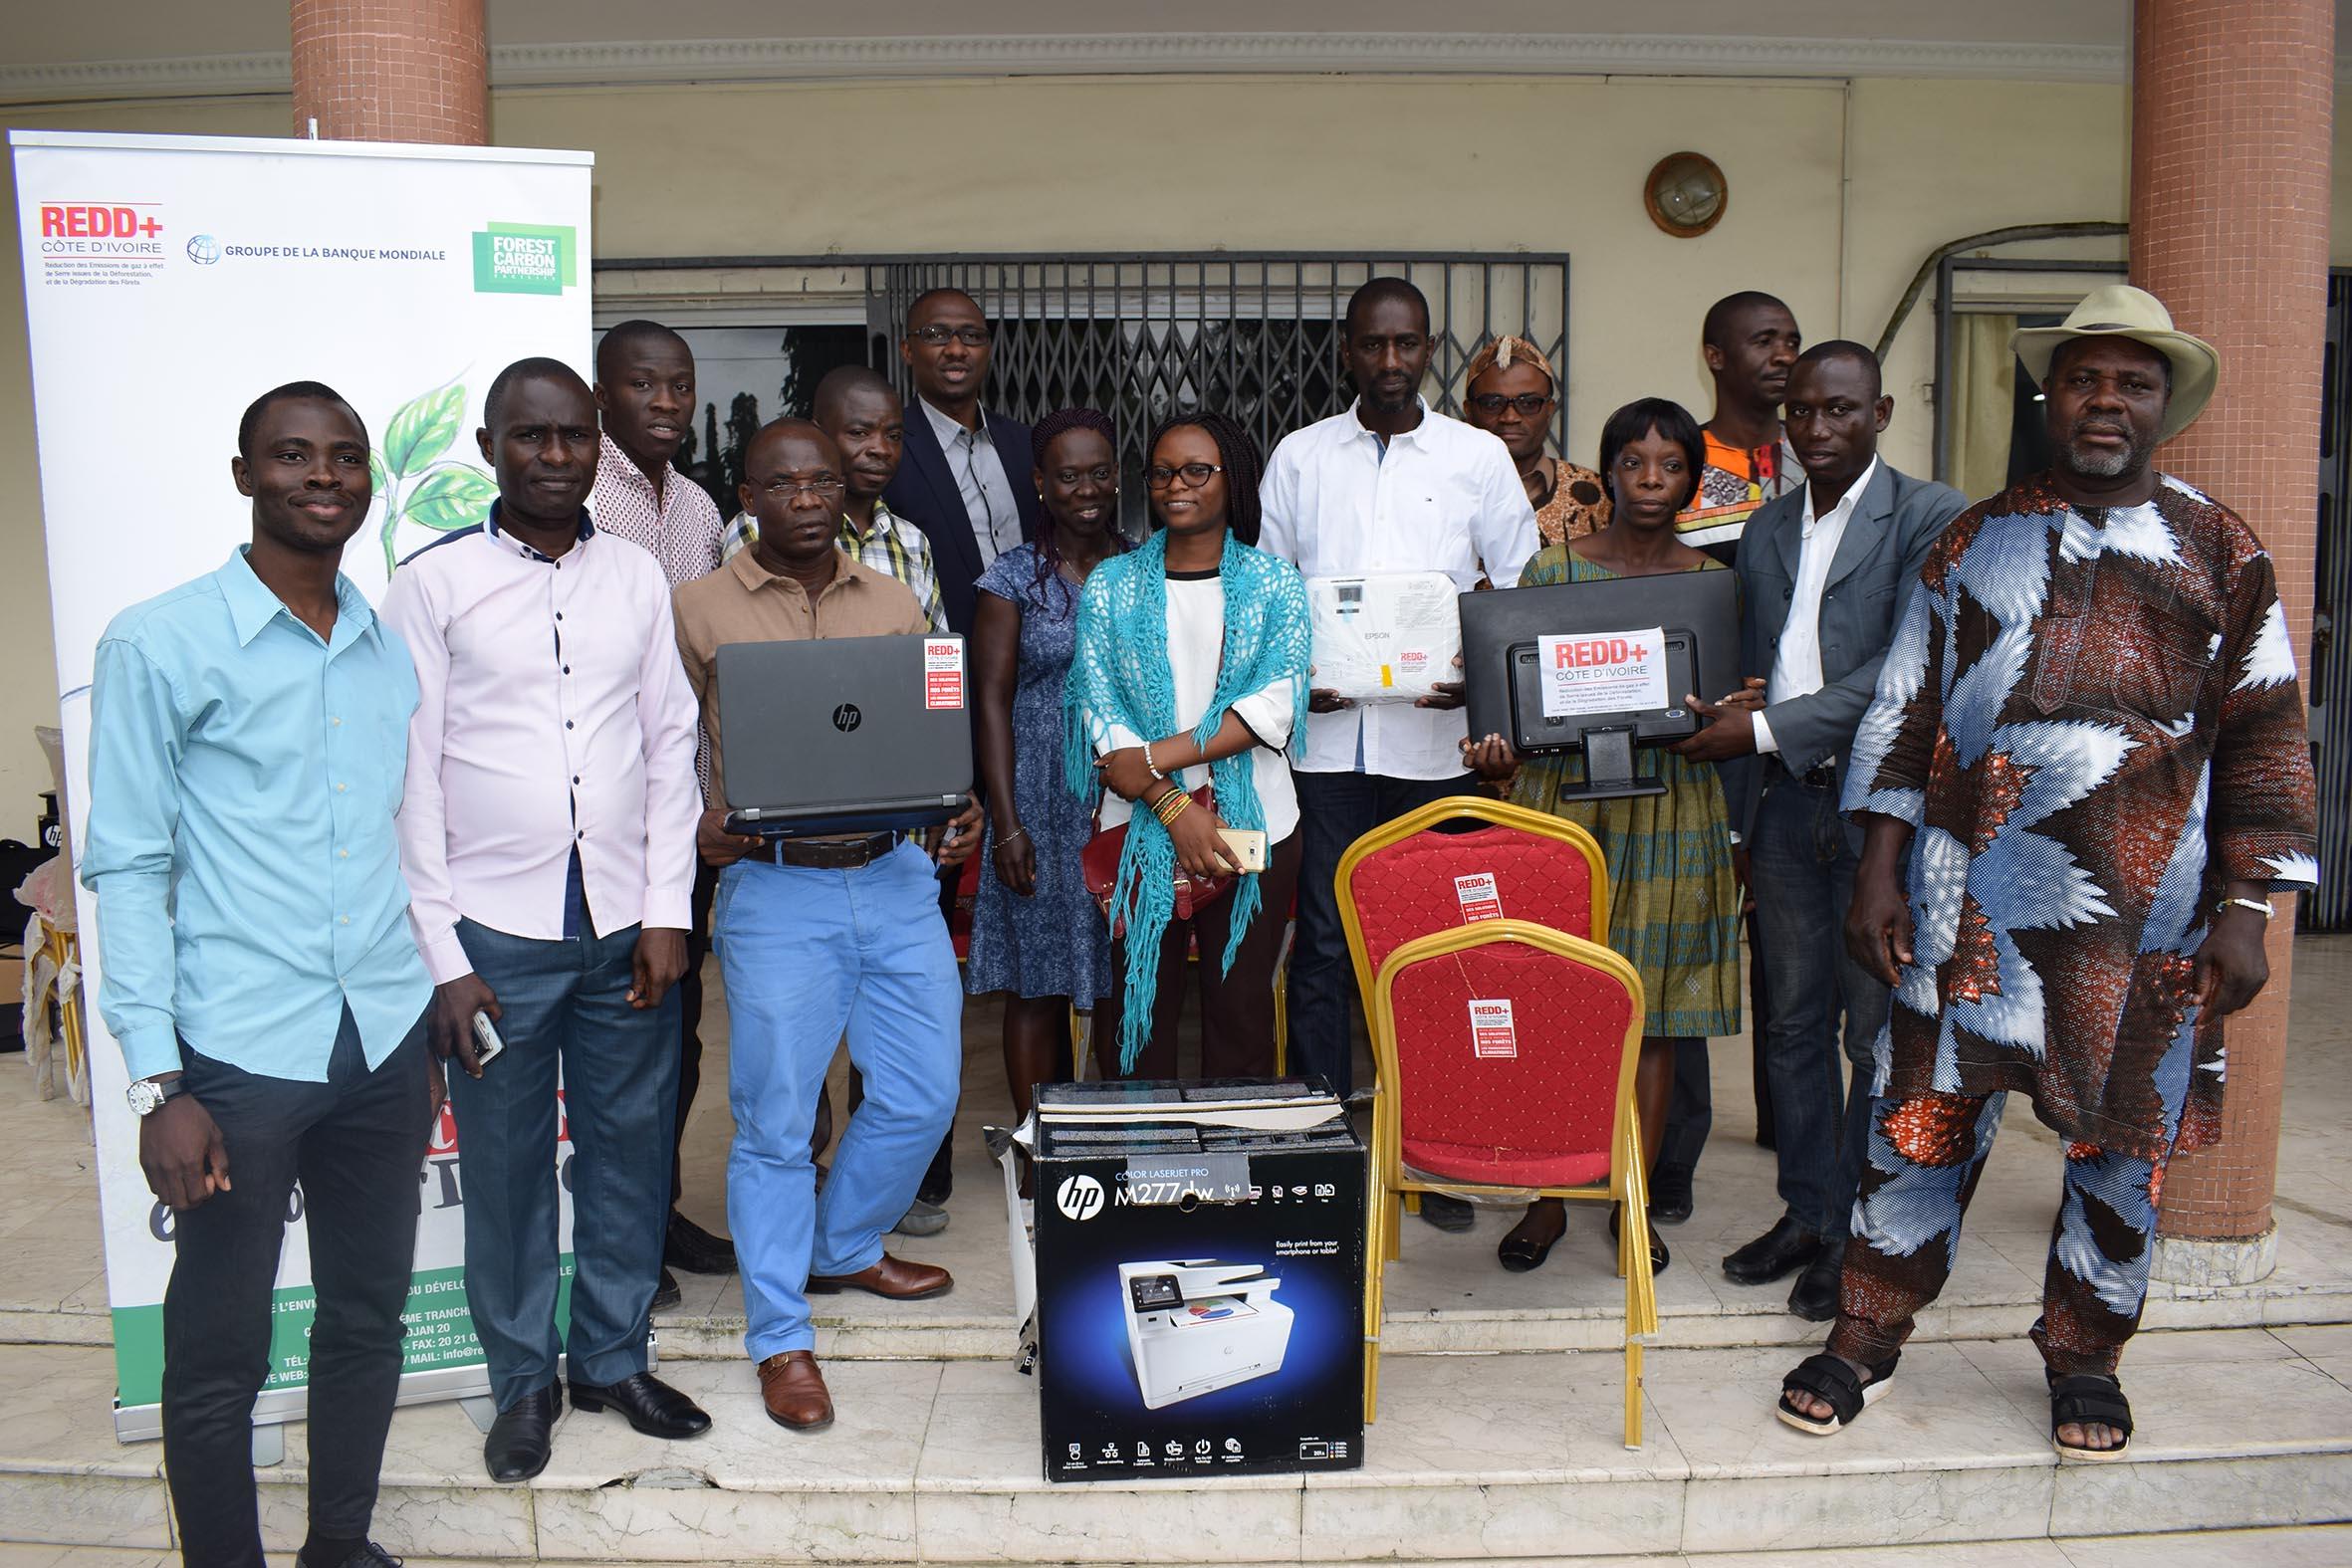 Lutte contre la déforestation en Côte d'Ivoire : La REDD+ renforce les capacités techniques et matérielles de la société civile